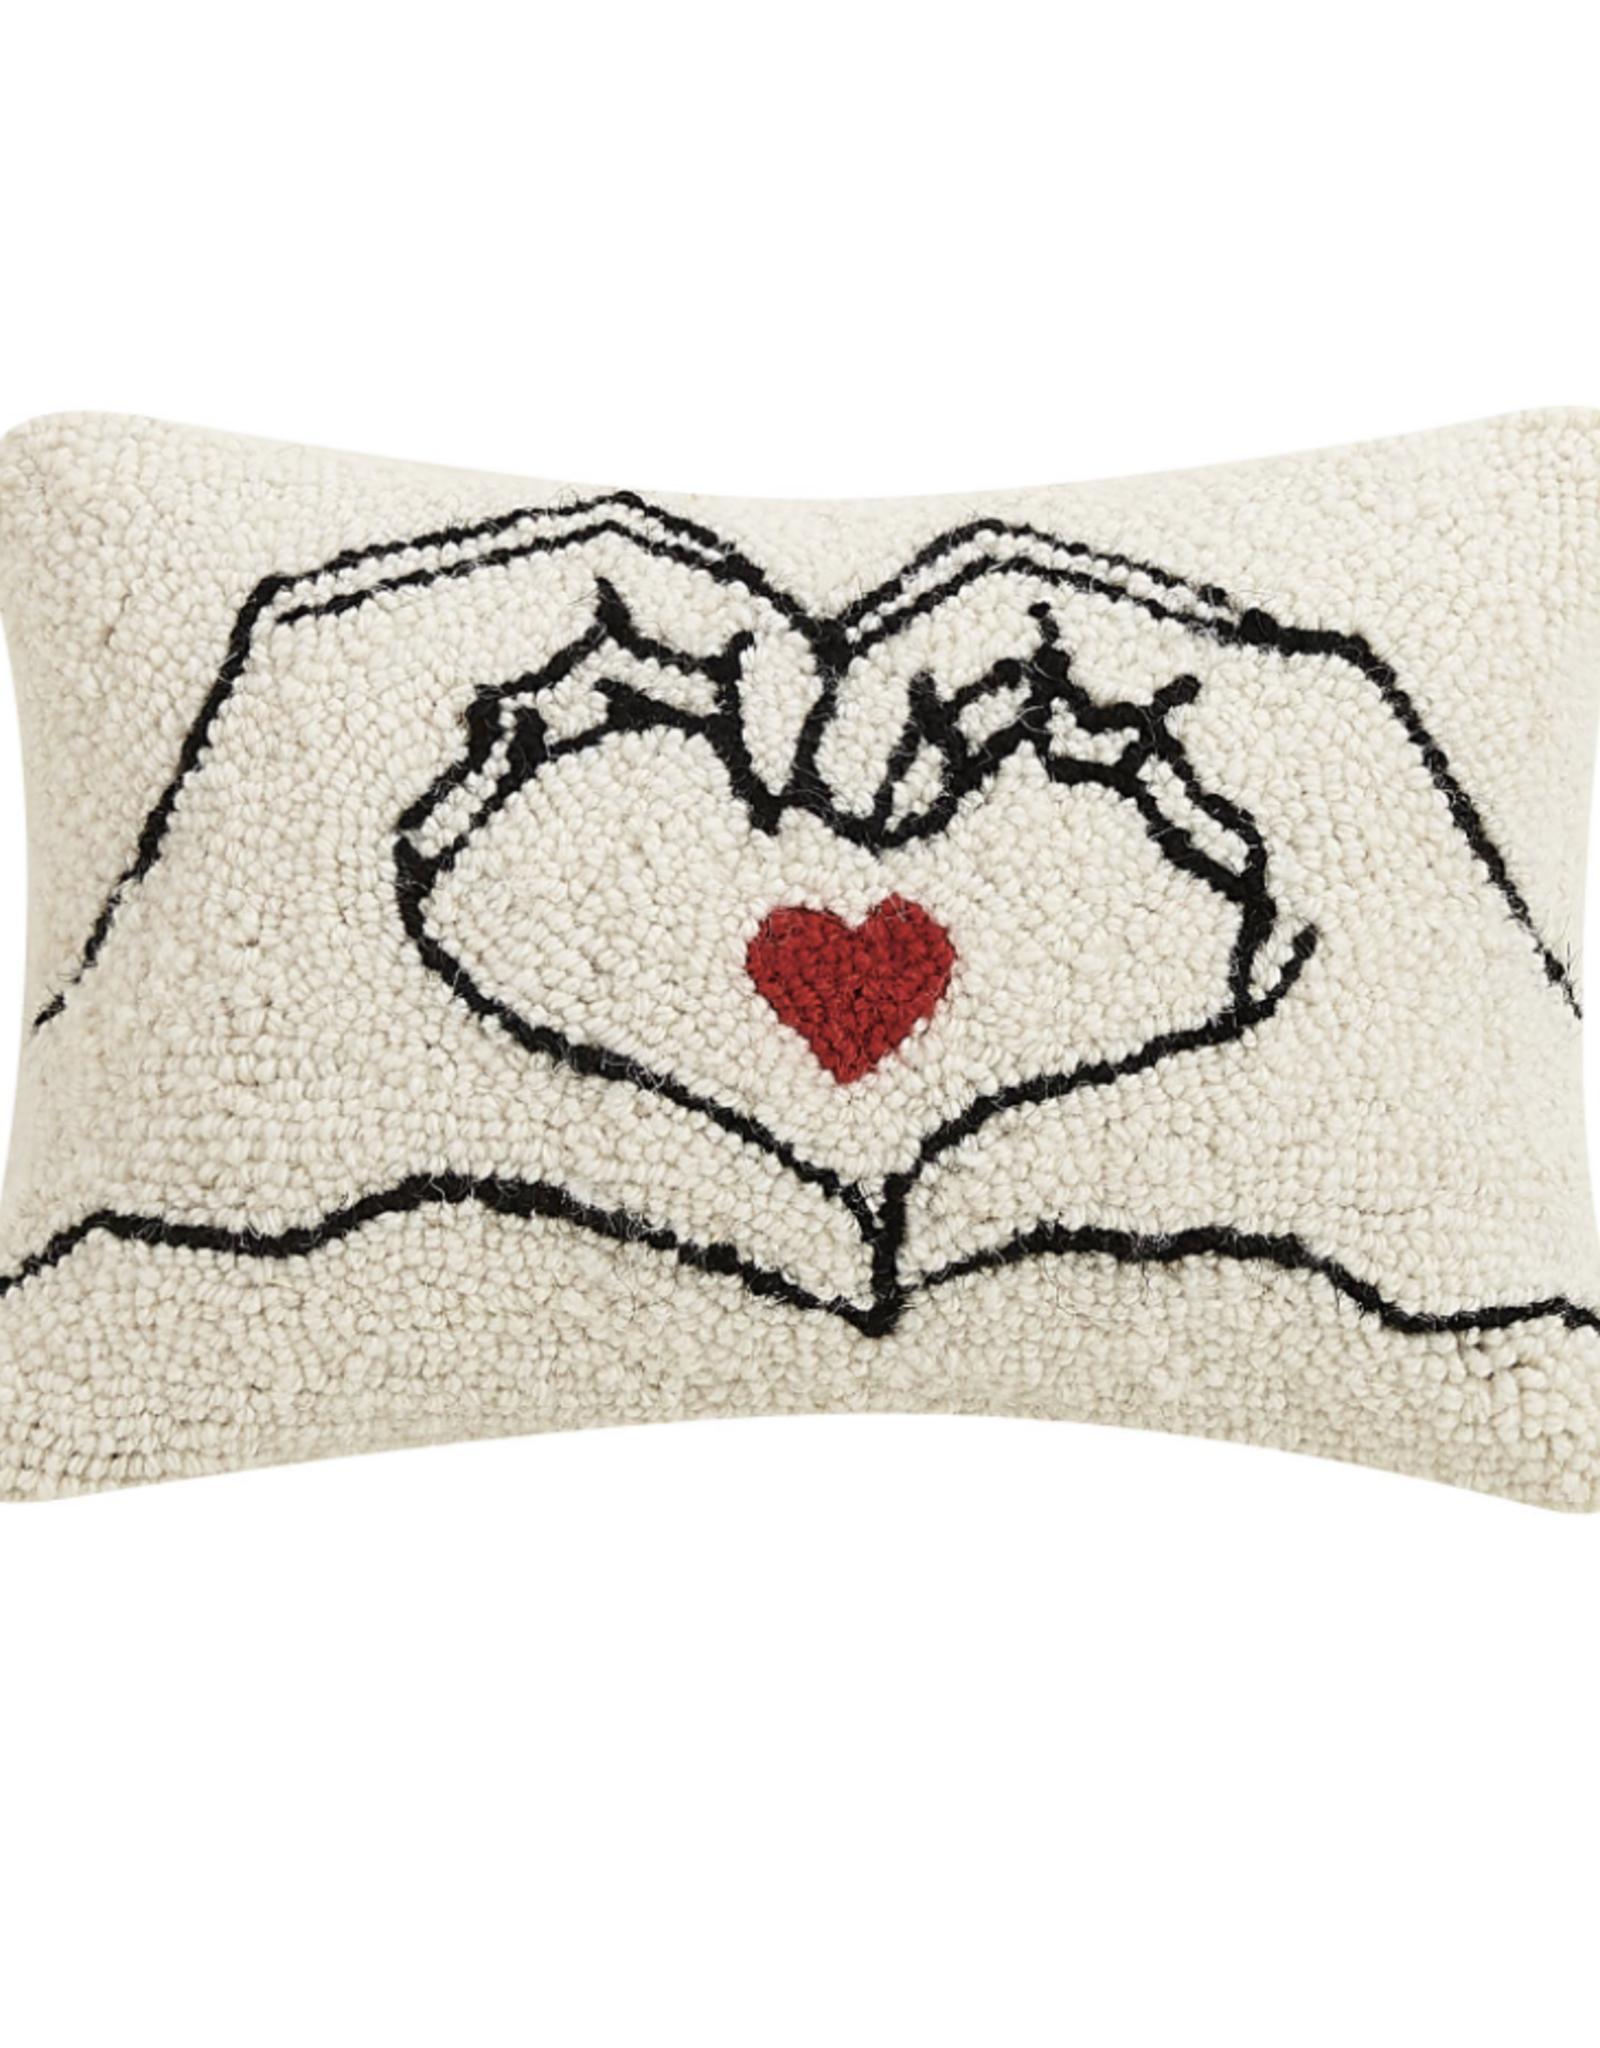 Heart Hands pillow 8 x 12 hook